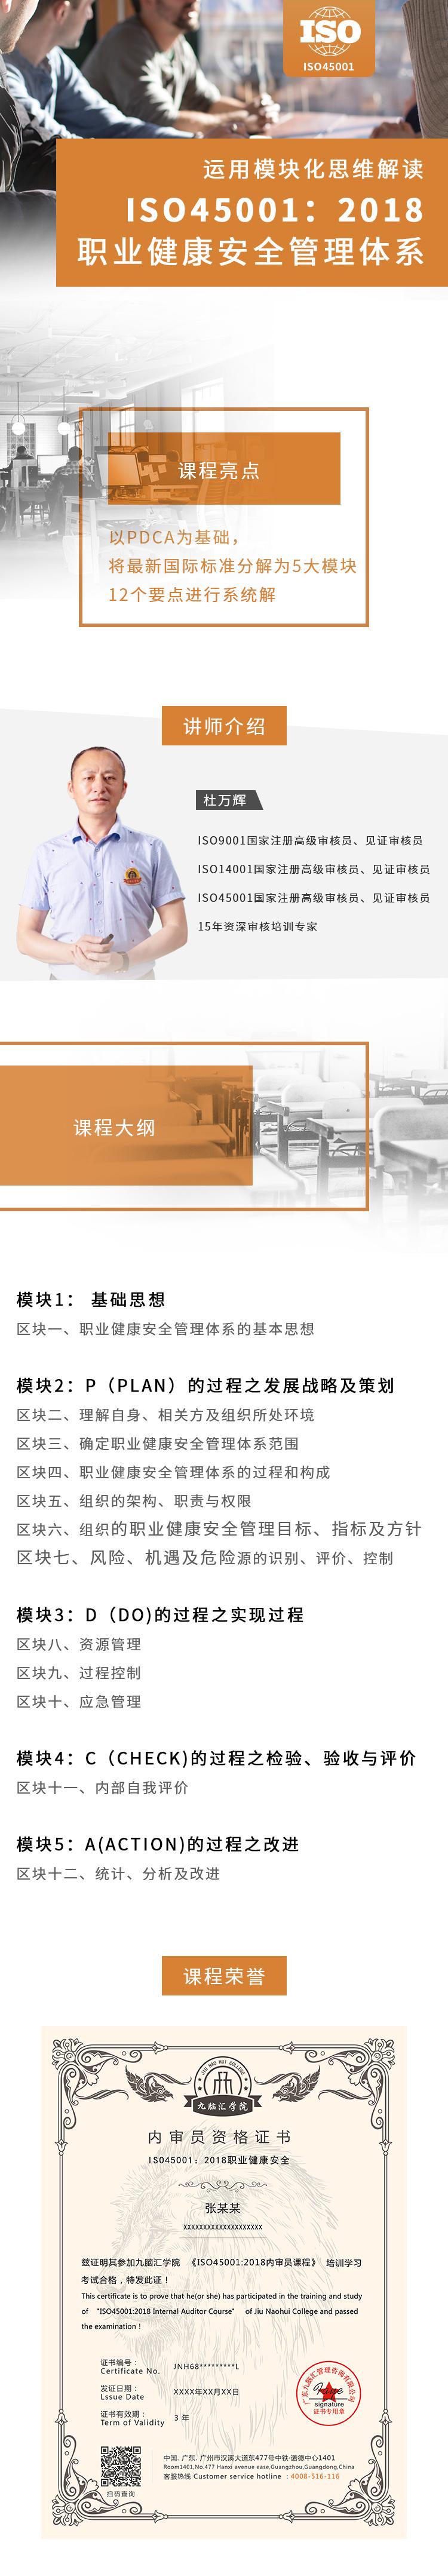 45001xiangqing.png